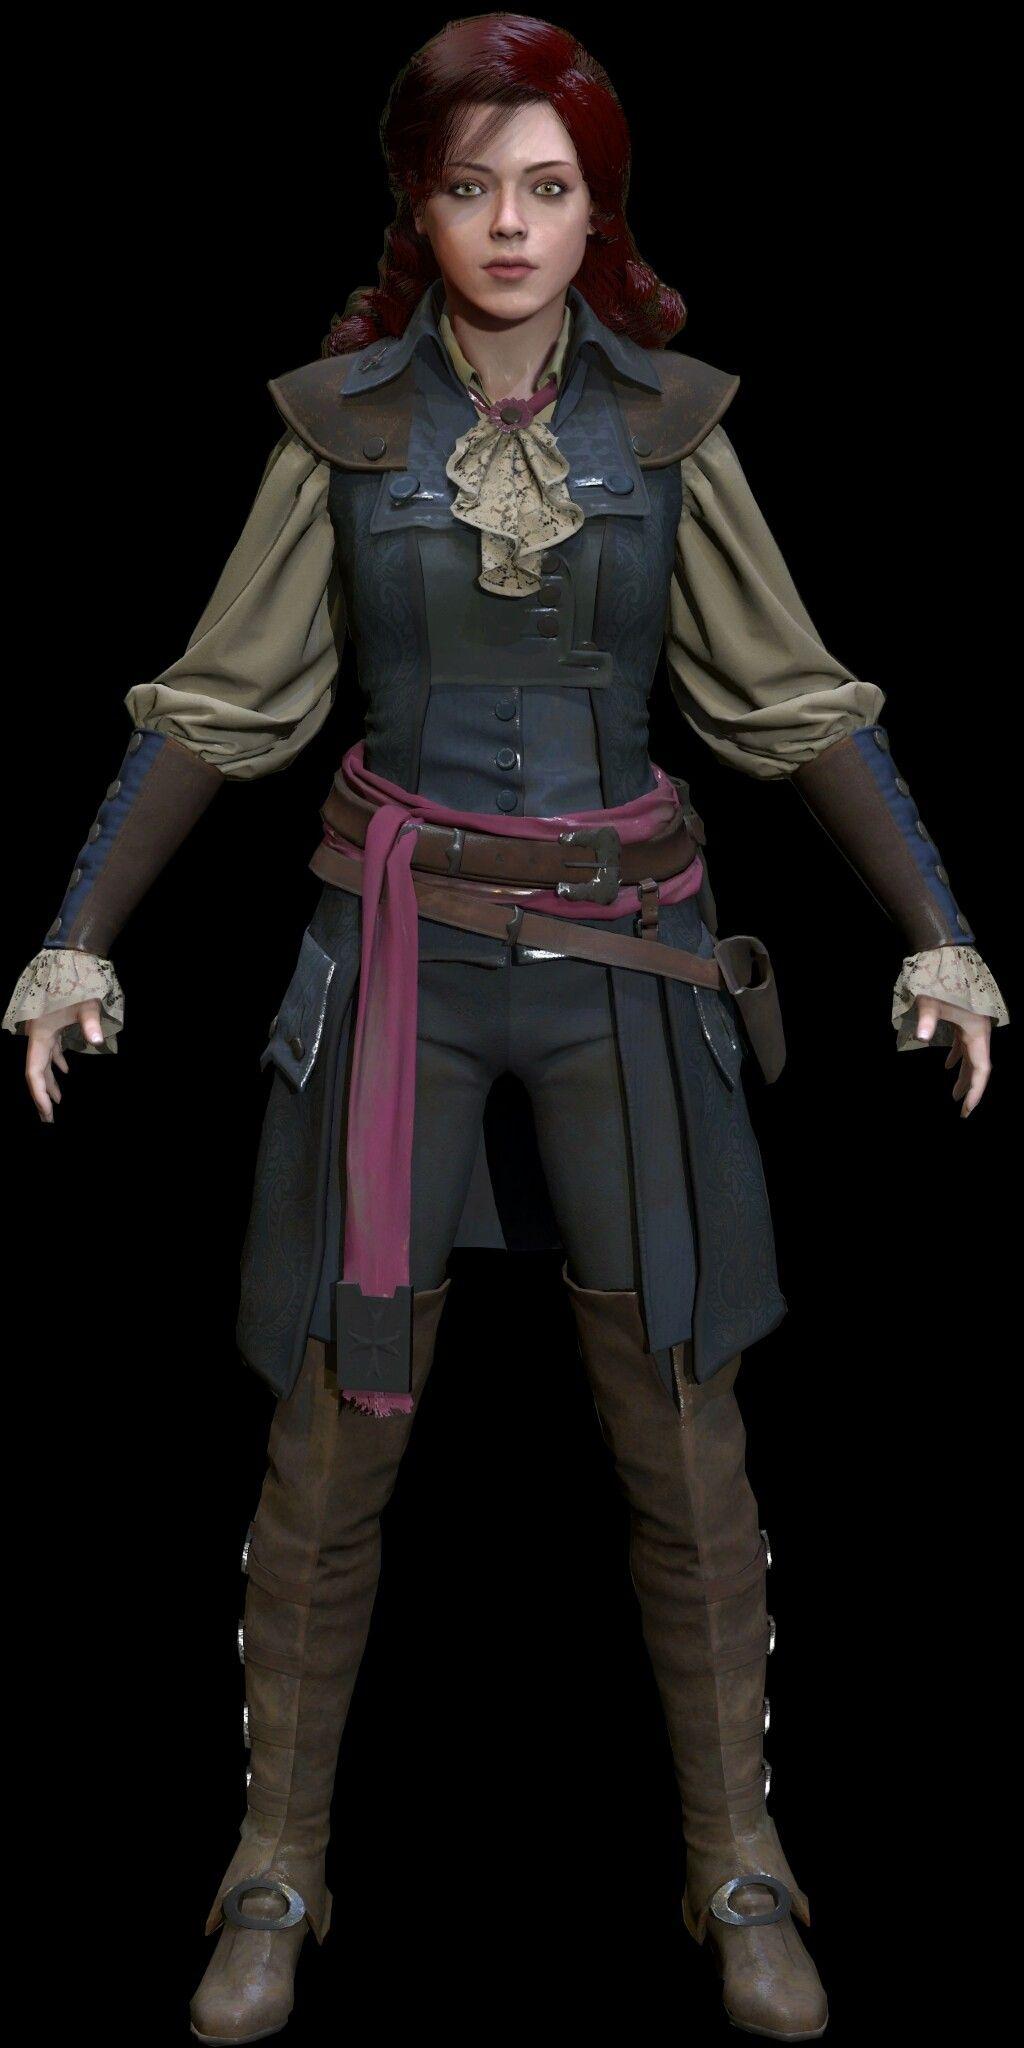 SALE! Game Assassins Creed Unity Elise Élise de la Serre